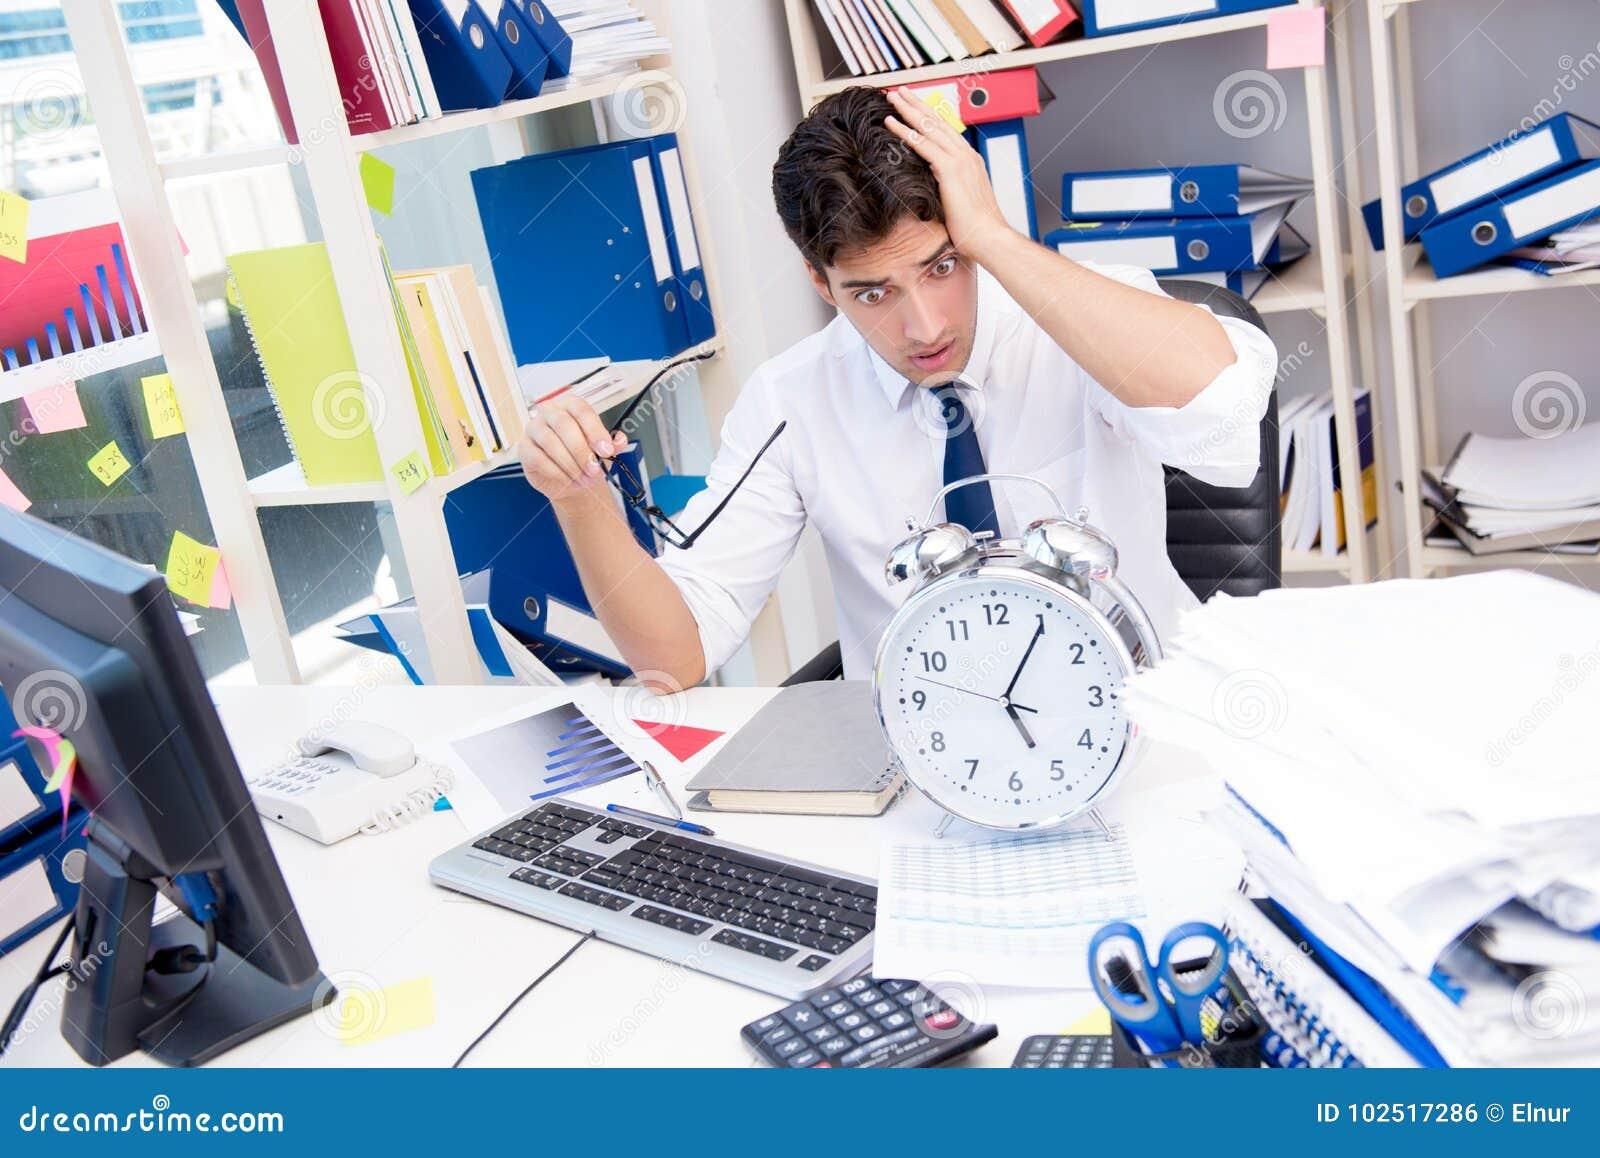 Бизнесмен работая в офисе с кучами книг и бумаг